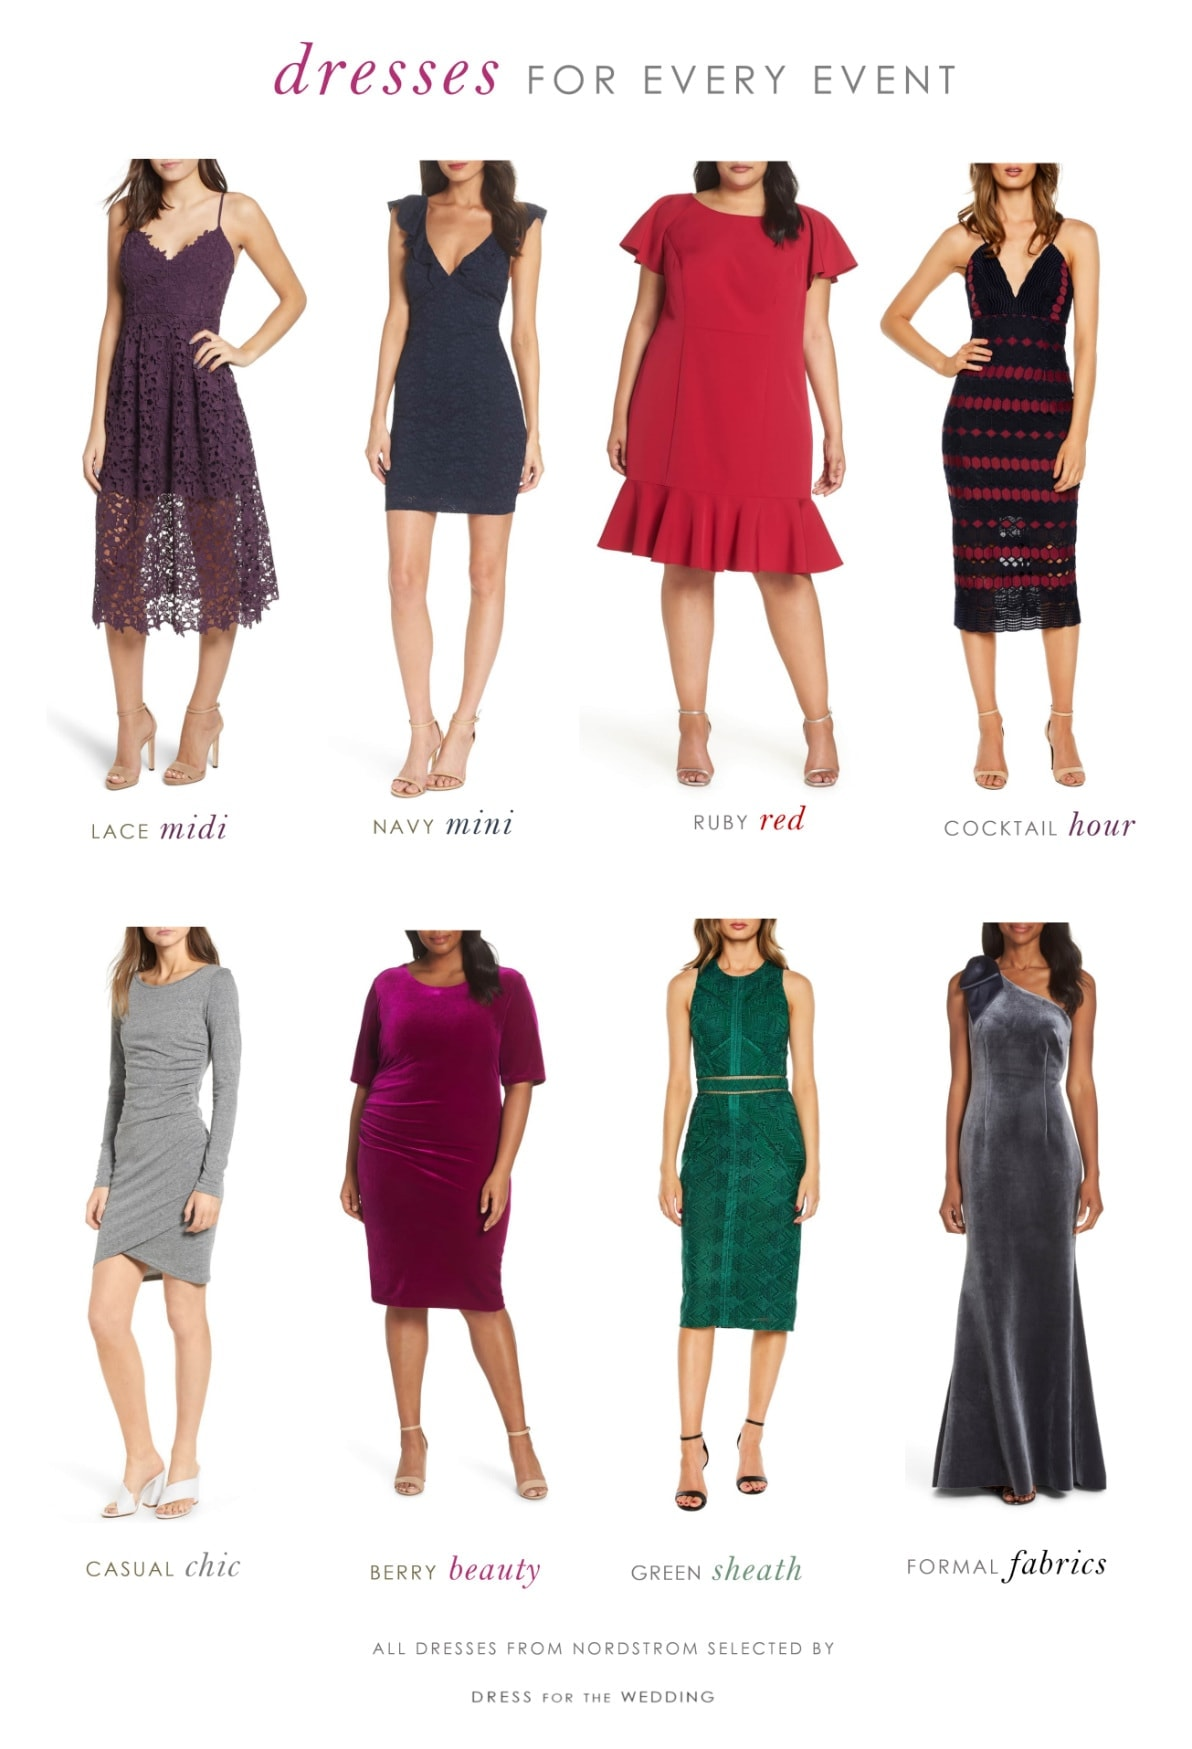 Nordstrom Dresses On Sale